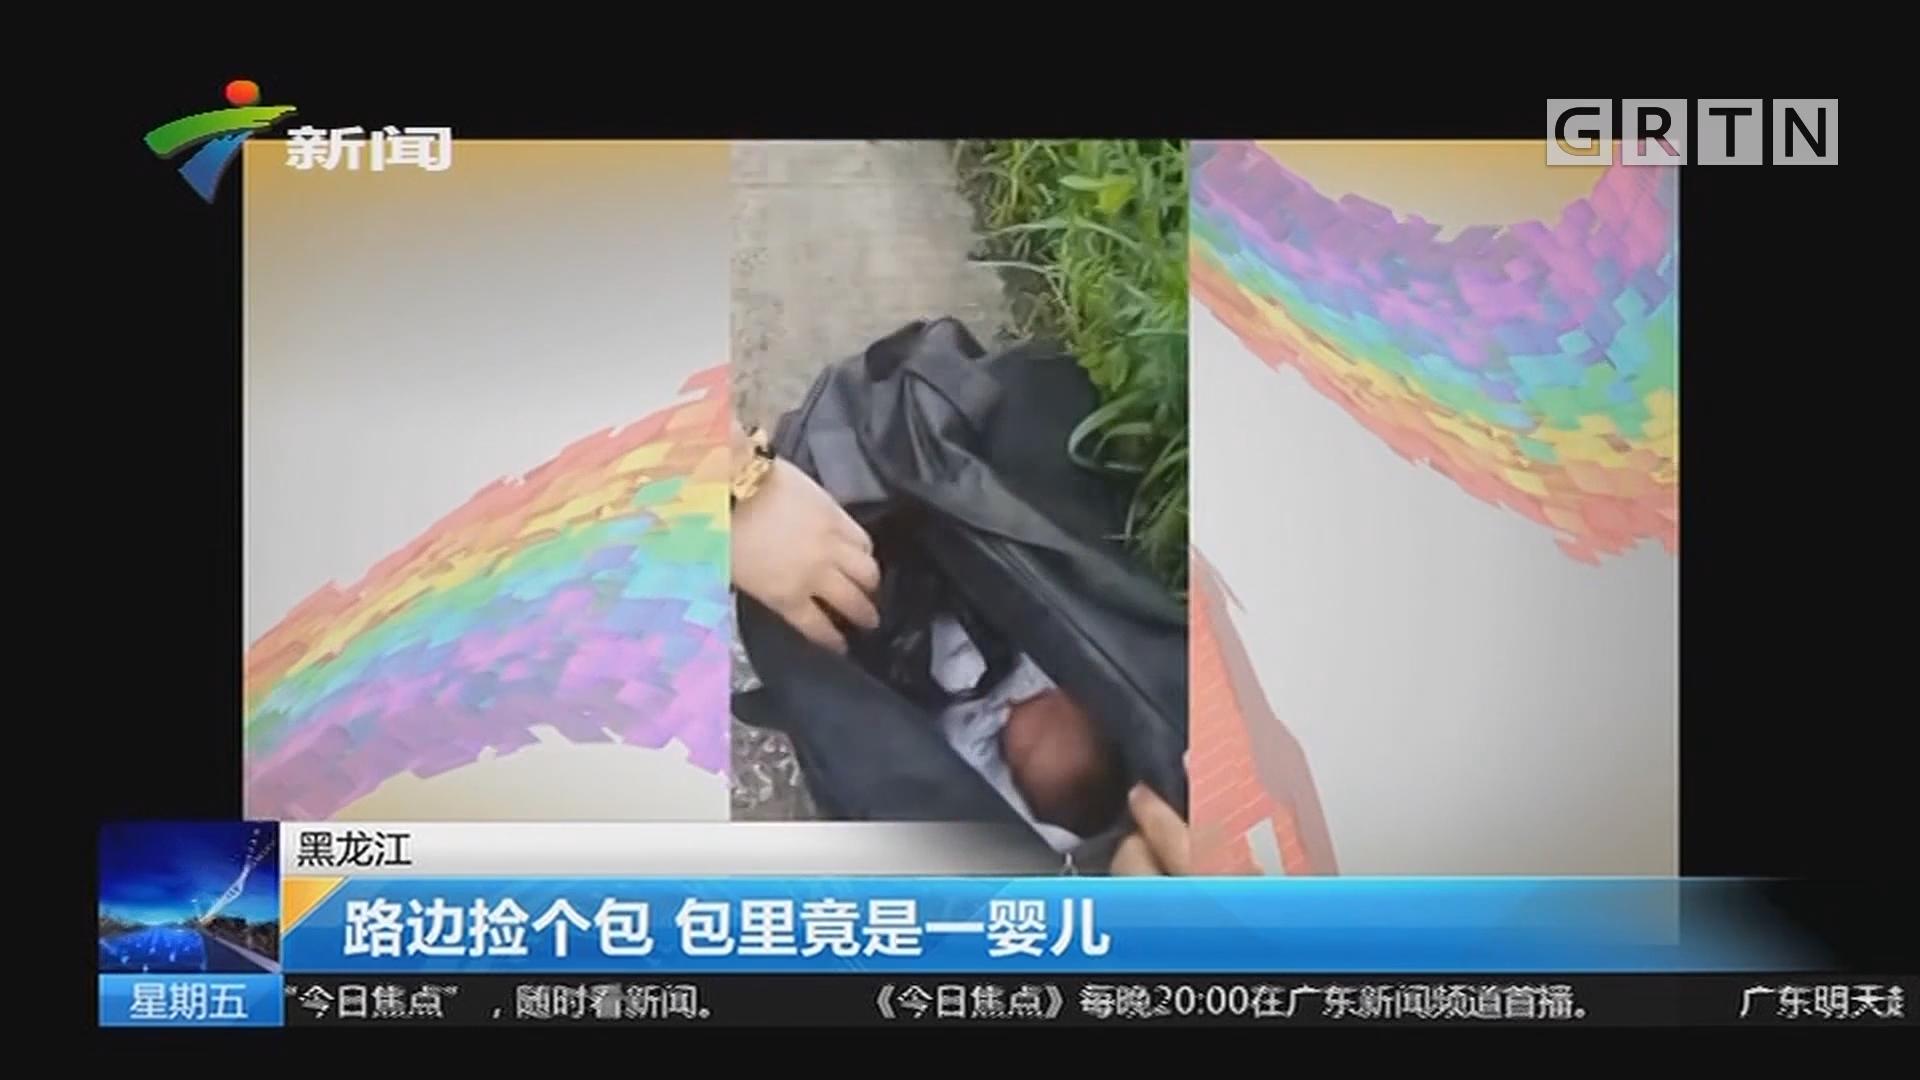 黑龙江:路边捡个包 包里竟是一婴儿